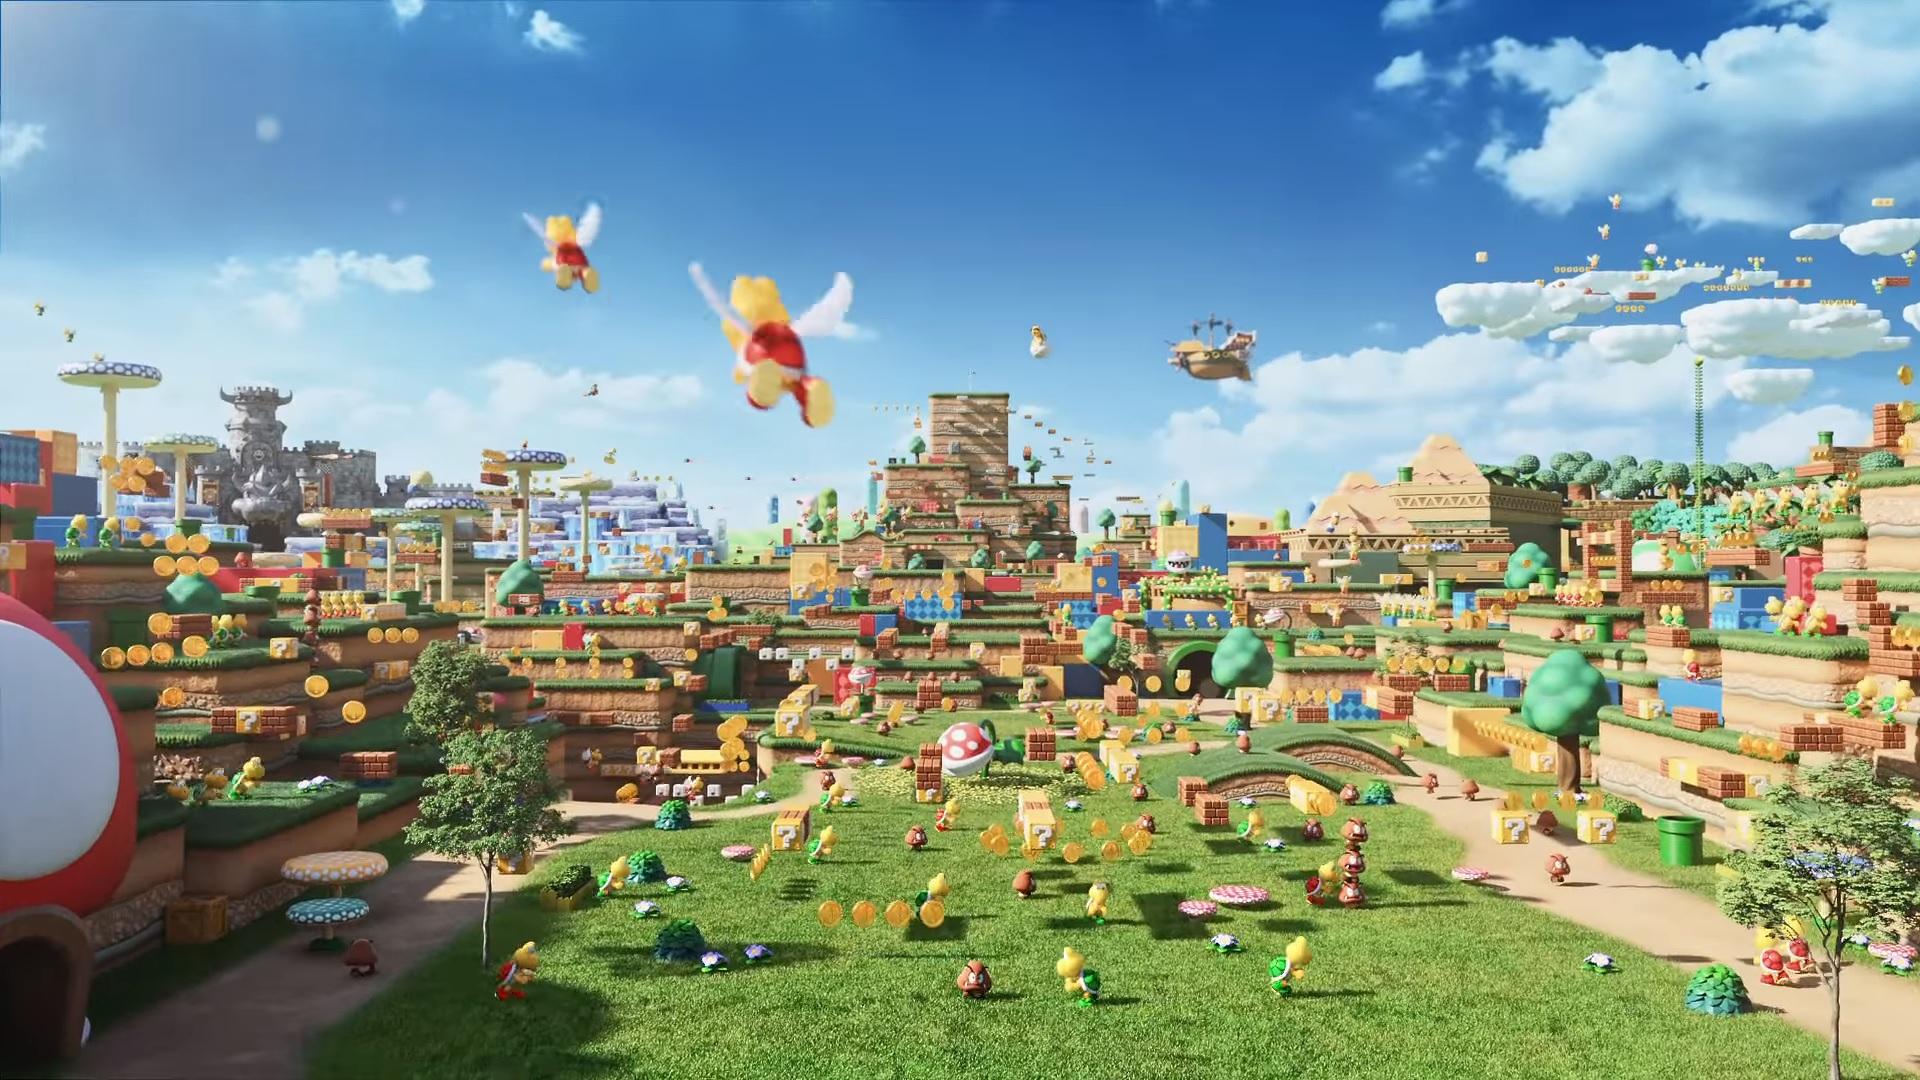 Nie lada gratka dla fanów Mario - park rozrywki Super Nintendo World. Wygląda niesamowicie!